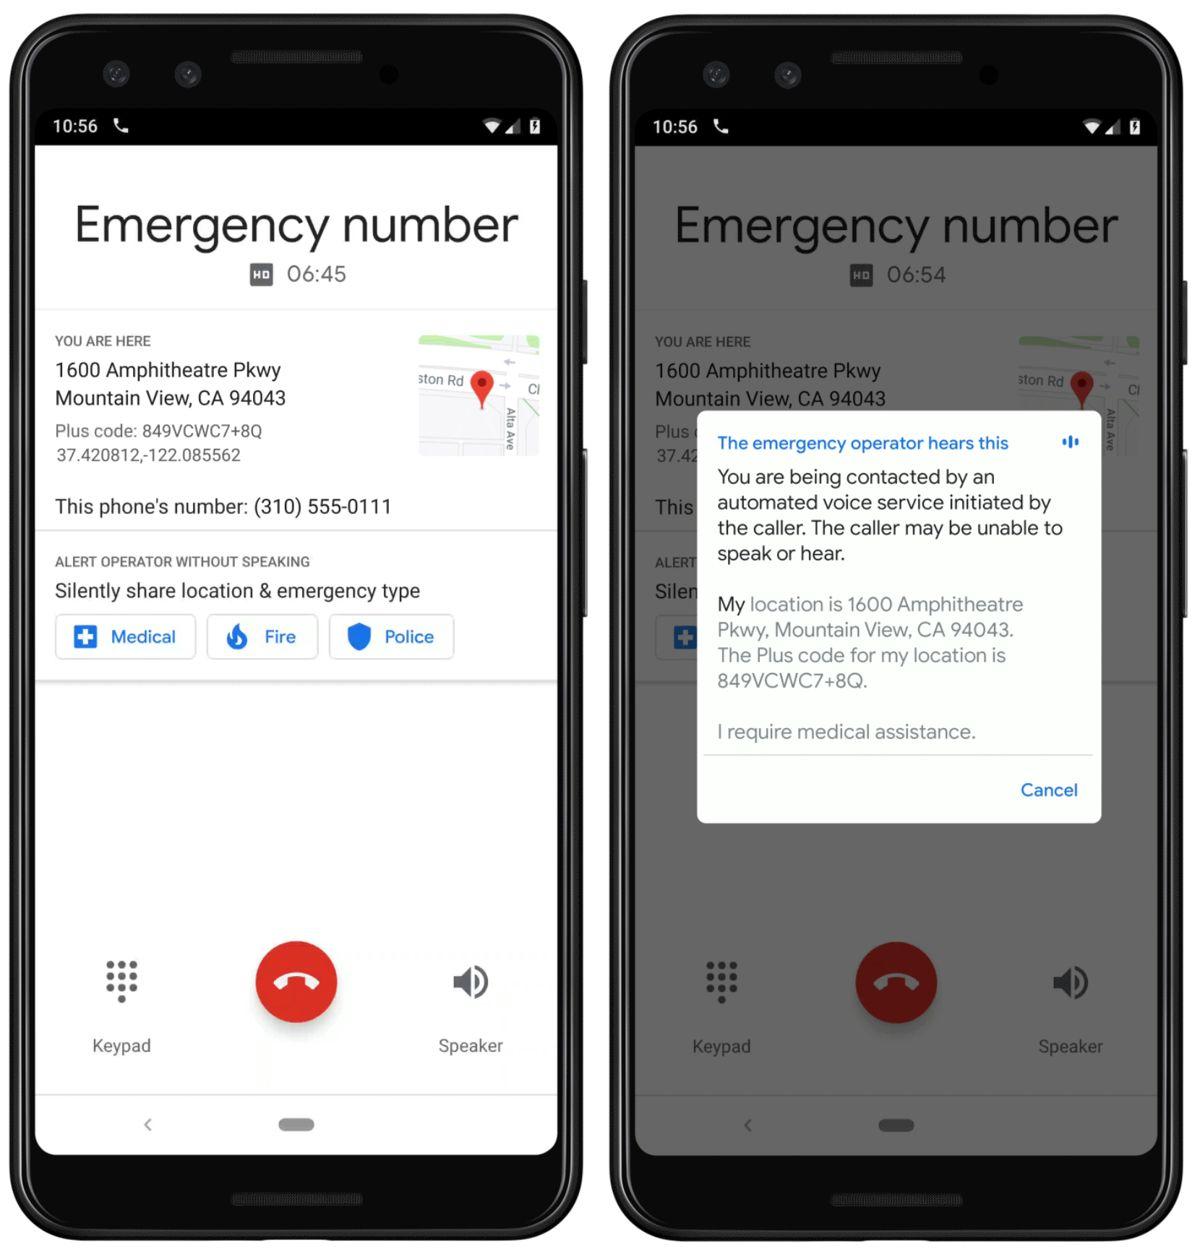 ستتمكن هواتف Pixel قريبًا من التحدث إلى خدمات الطوارئ نيابة عنك 1